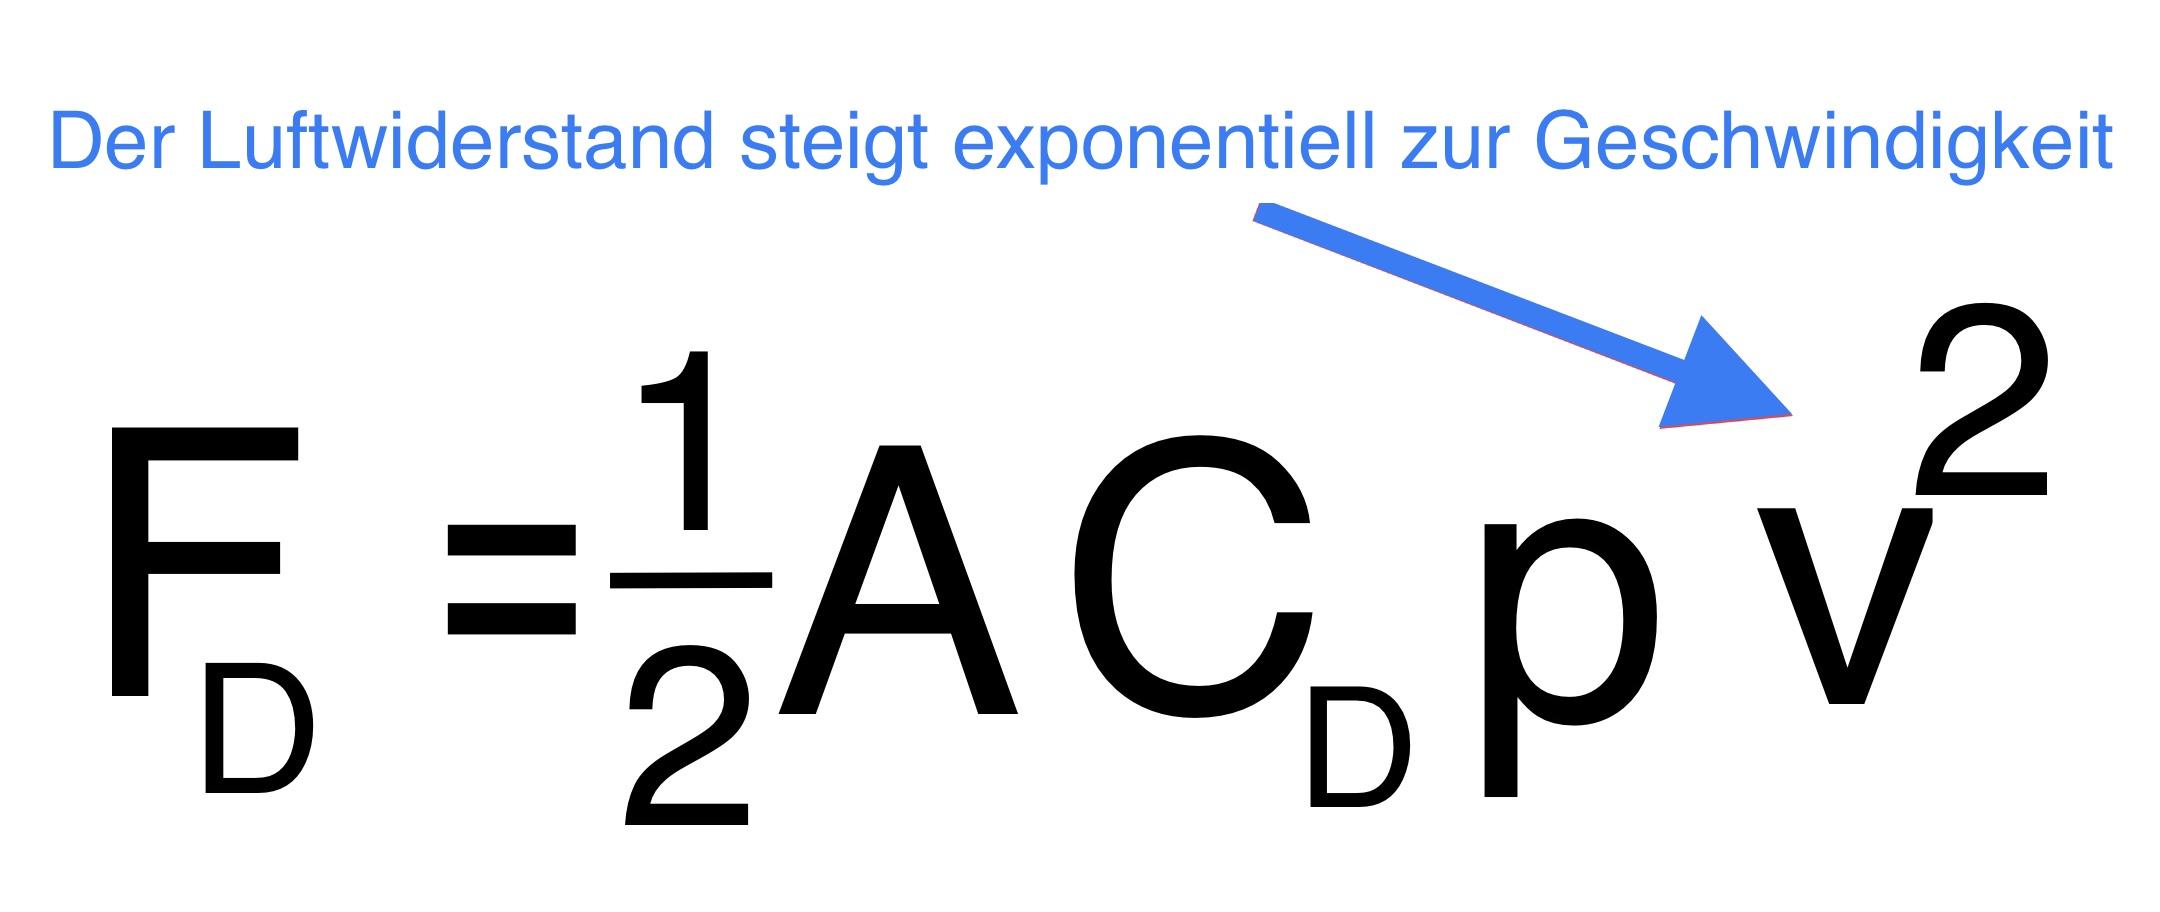 Formel für Luftwiderstand